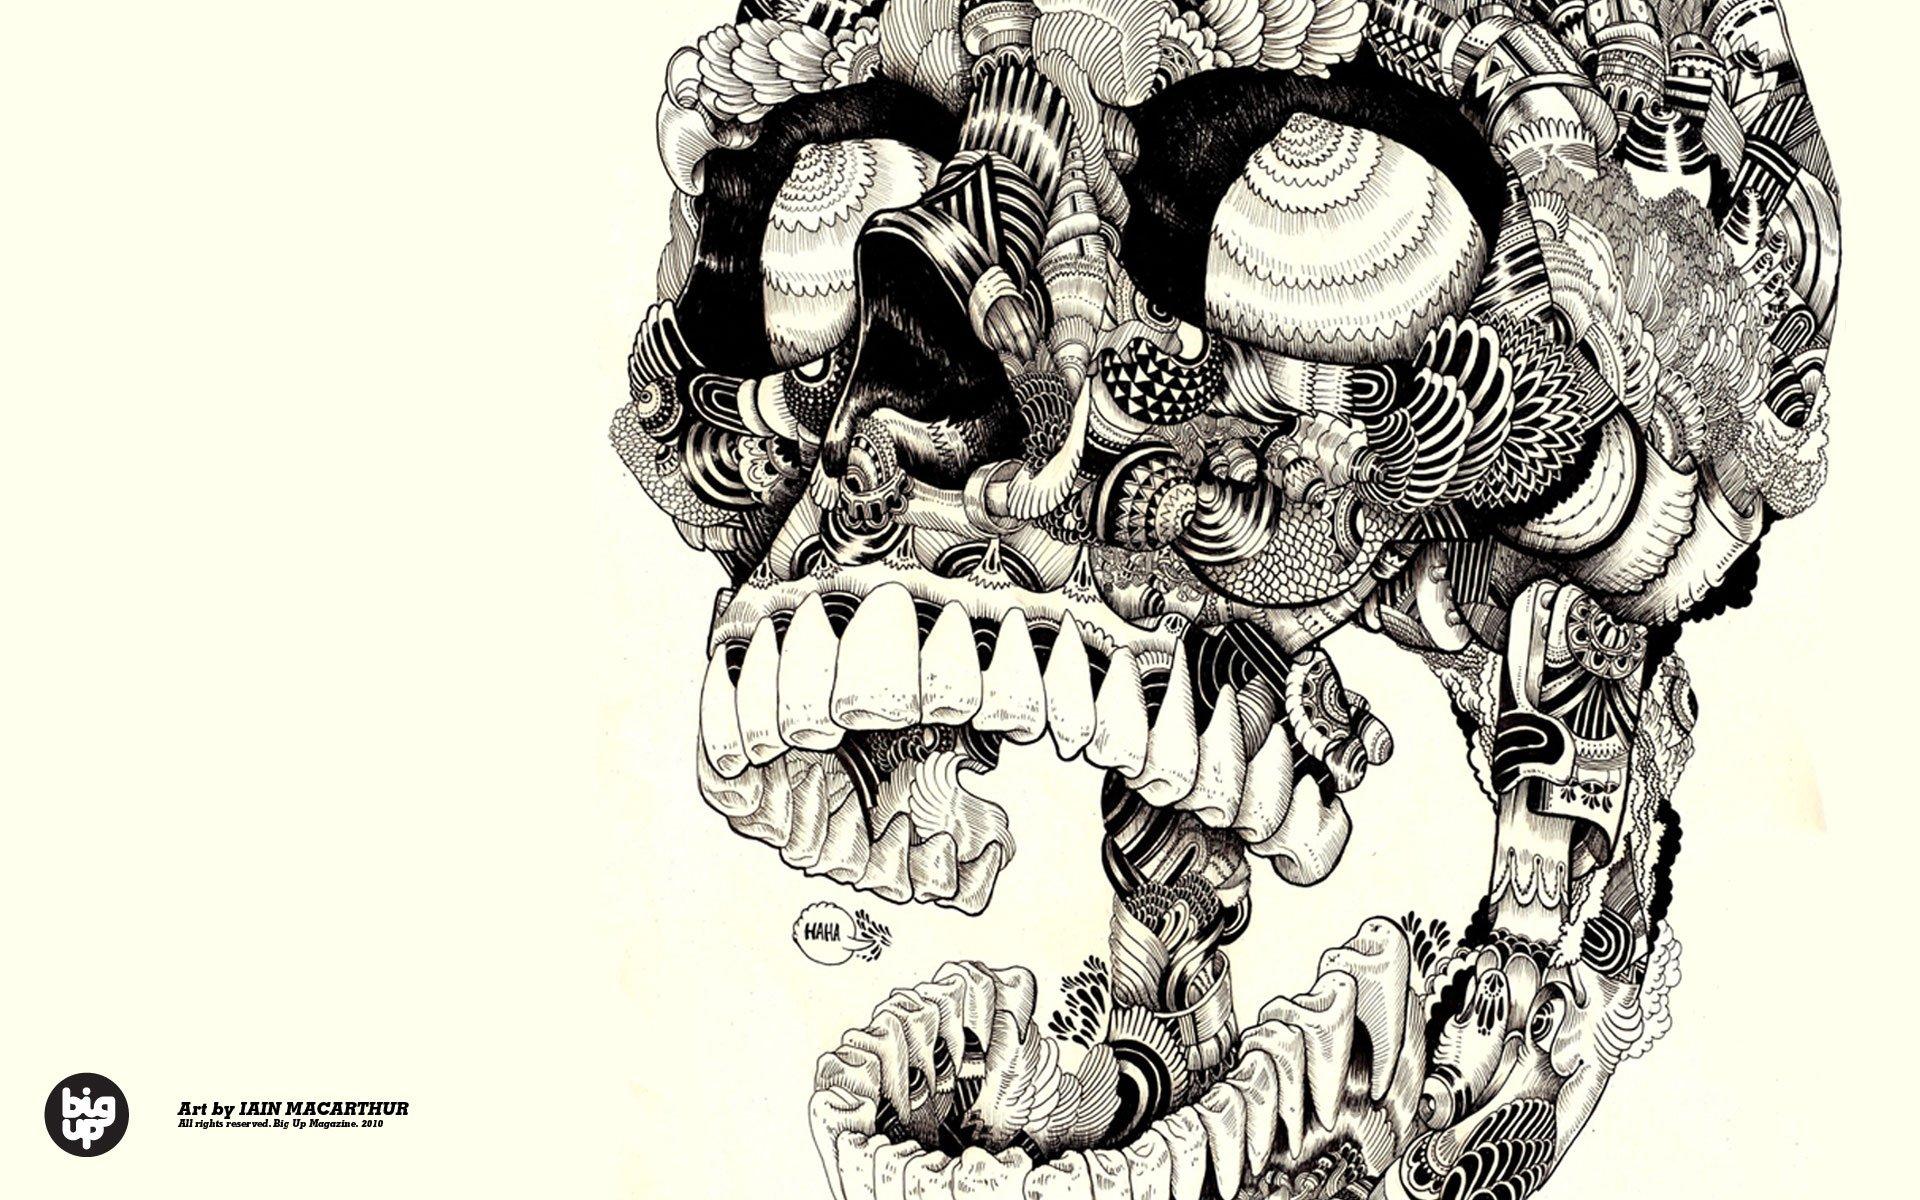 Skulls artwork sugar skulls wallpaper 1920x1200 292594 1920x1200